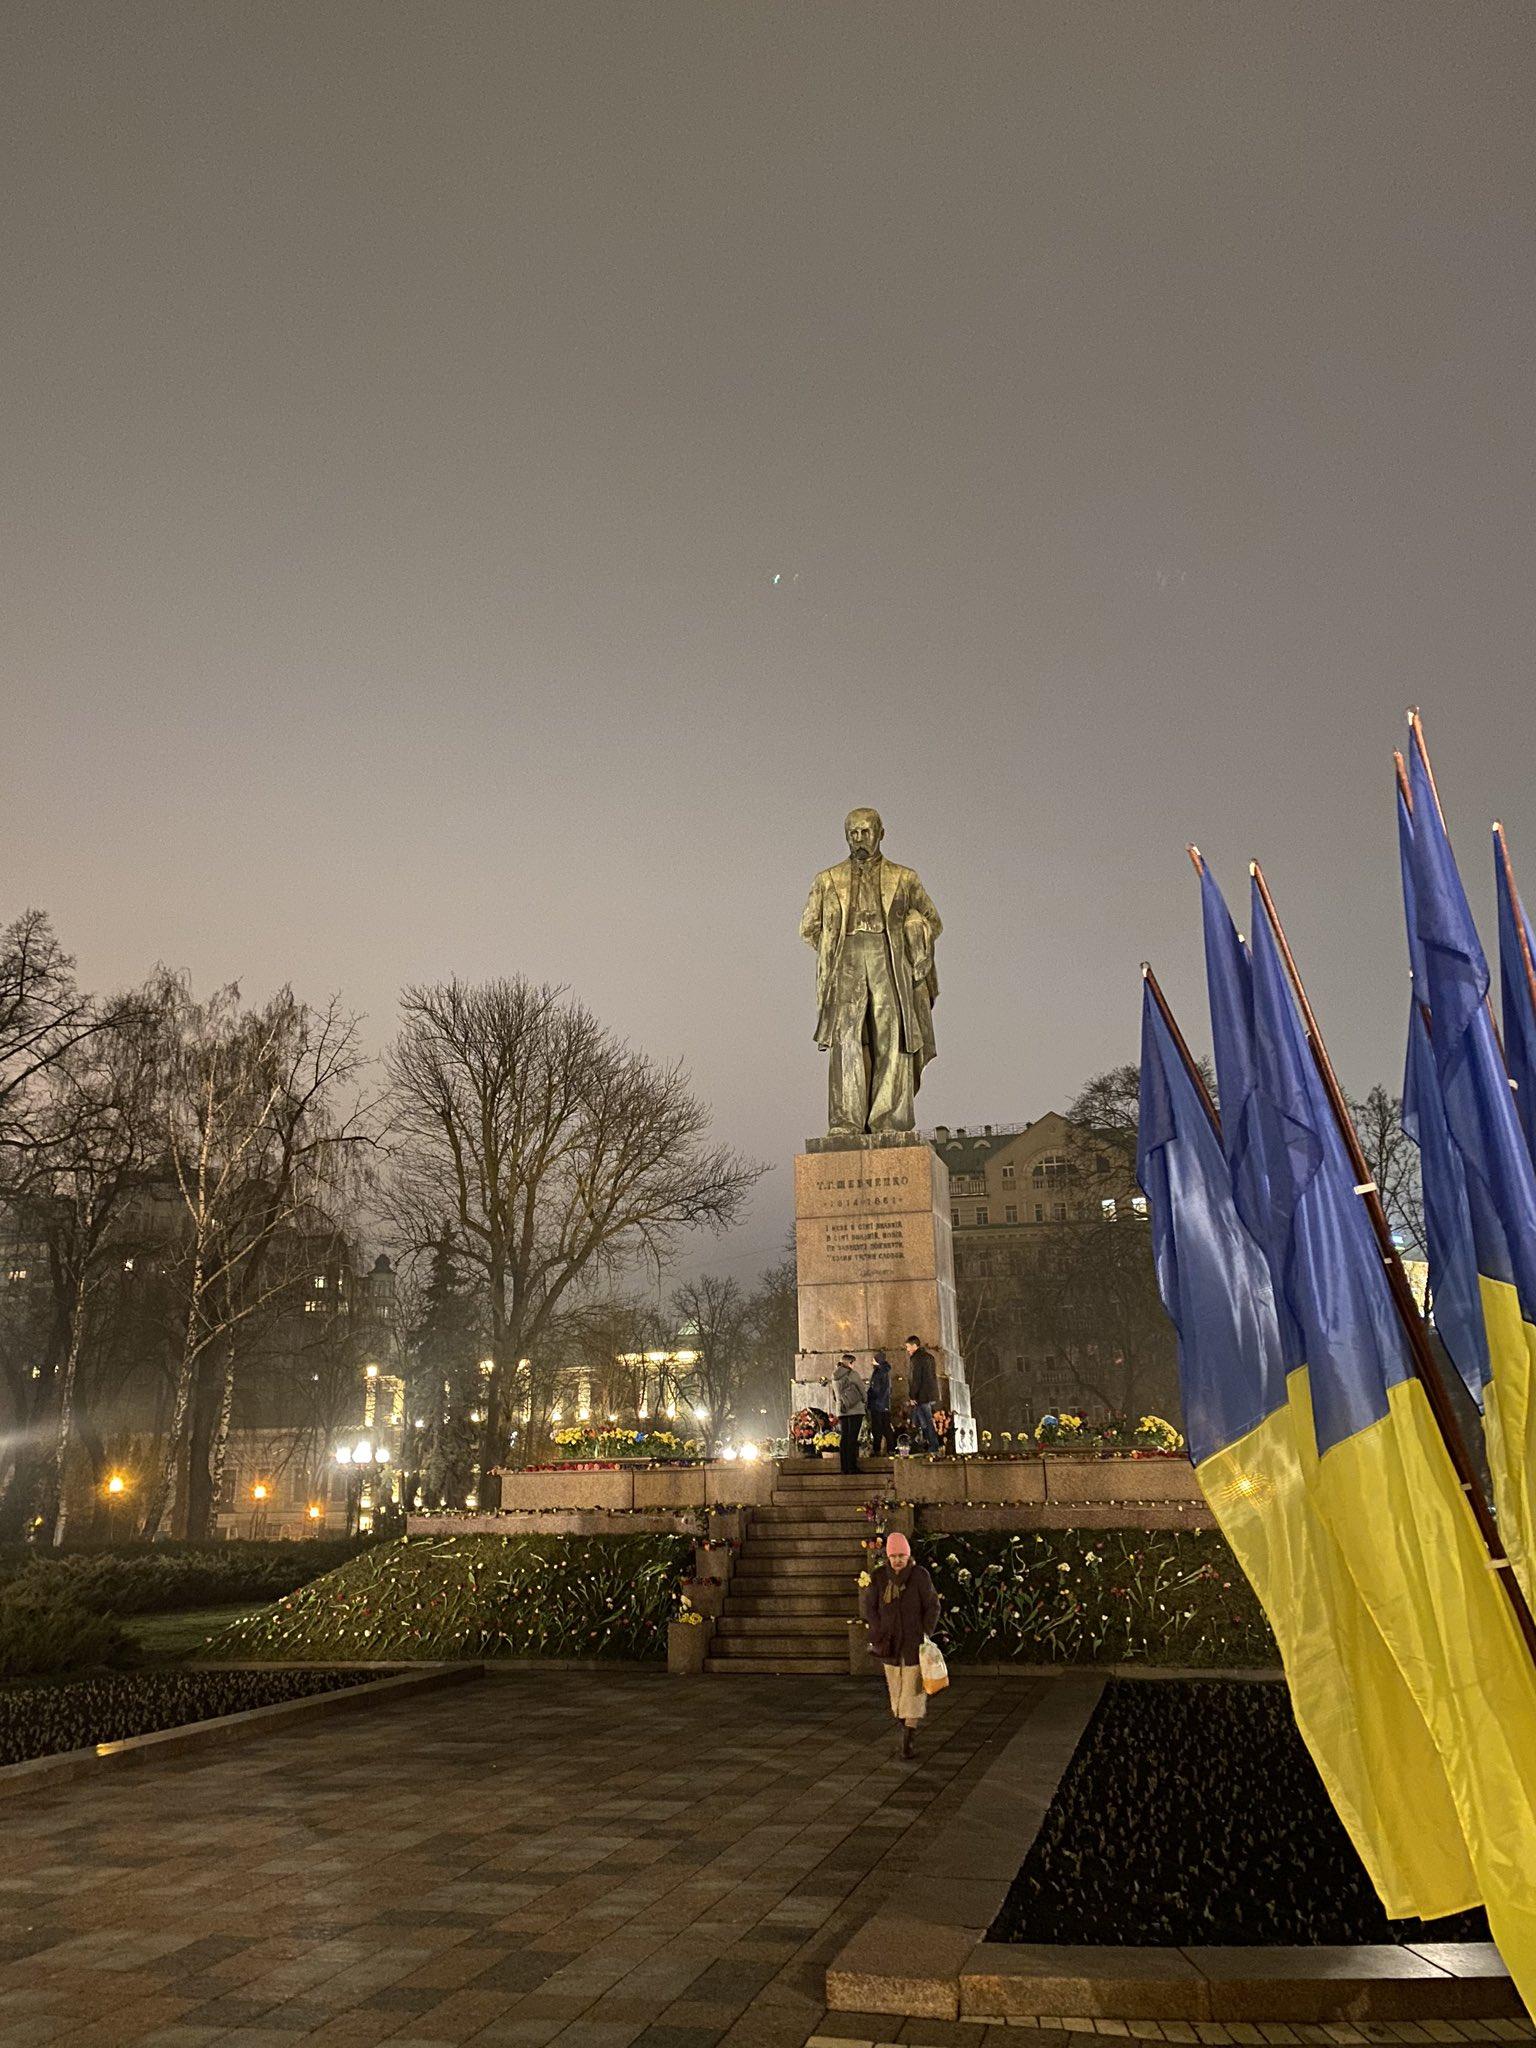 Зеленський взяв участь у церемонії вручення Шевченківської премії - Цензор.НЕТ 6903